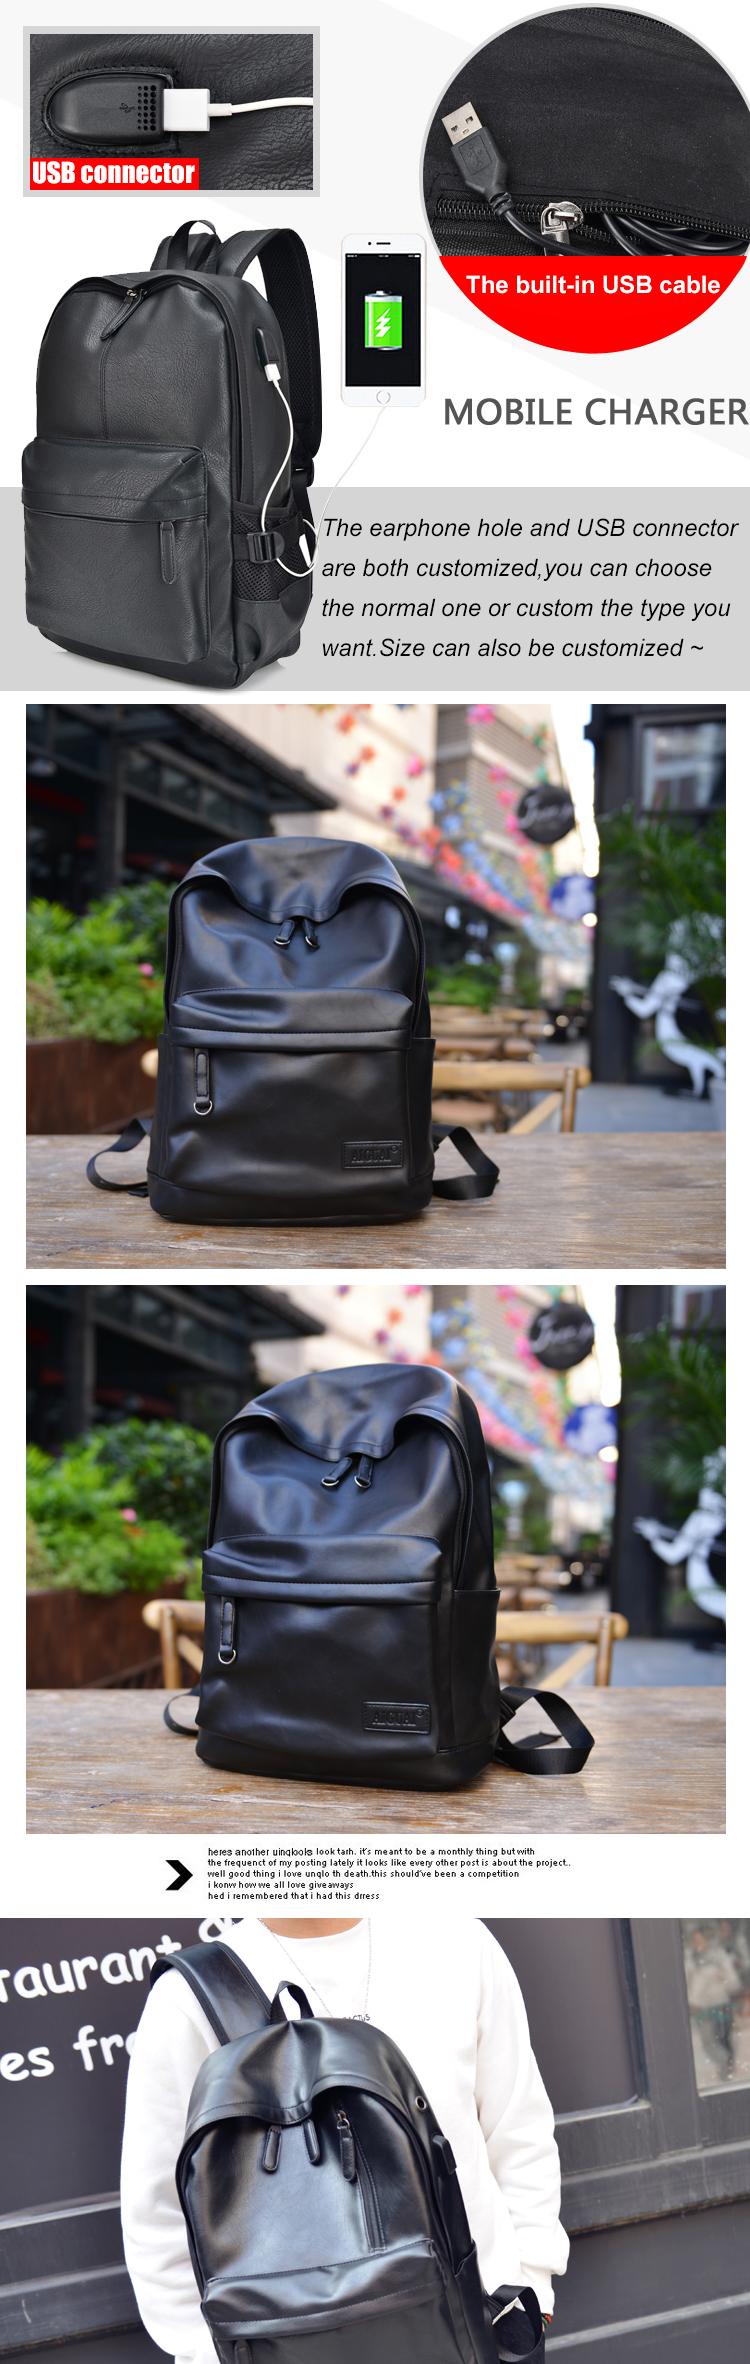 cde1fc4d6edc Европейская школа PU мужские Back Pack USB зарядное устройство для ноутбука,  рюкзак с отверстием для